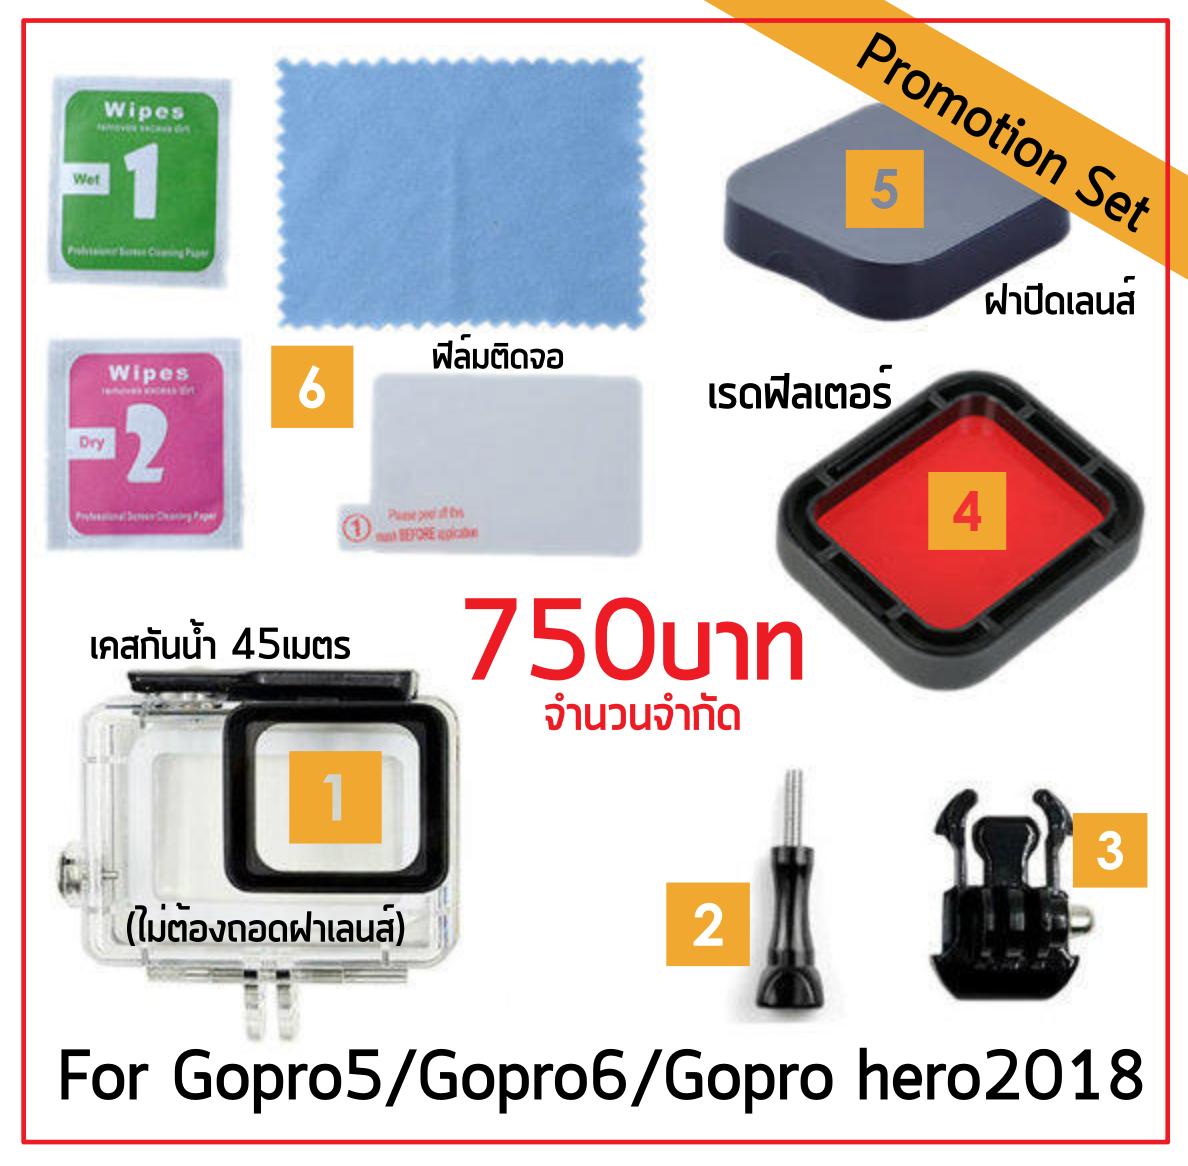 Promotion Set housing Gopro 5/6/Hero2018